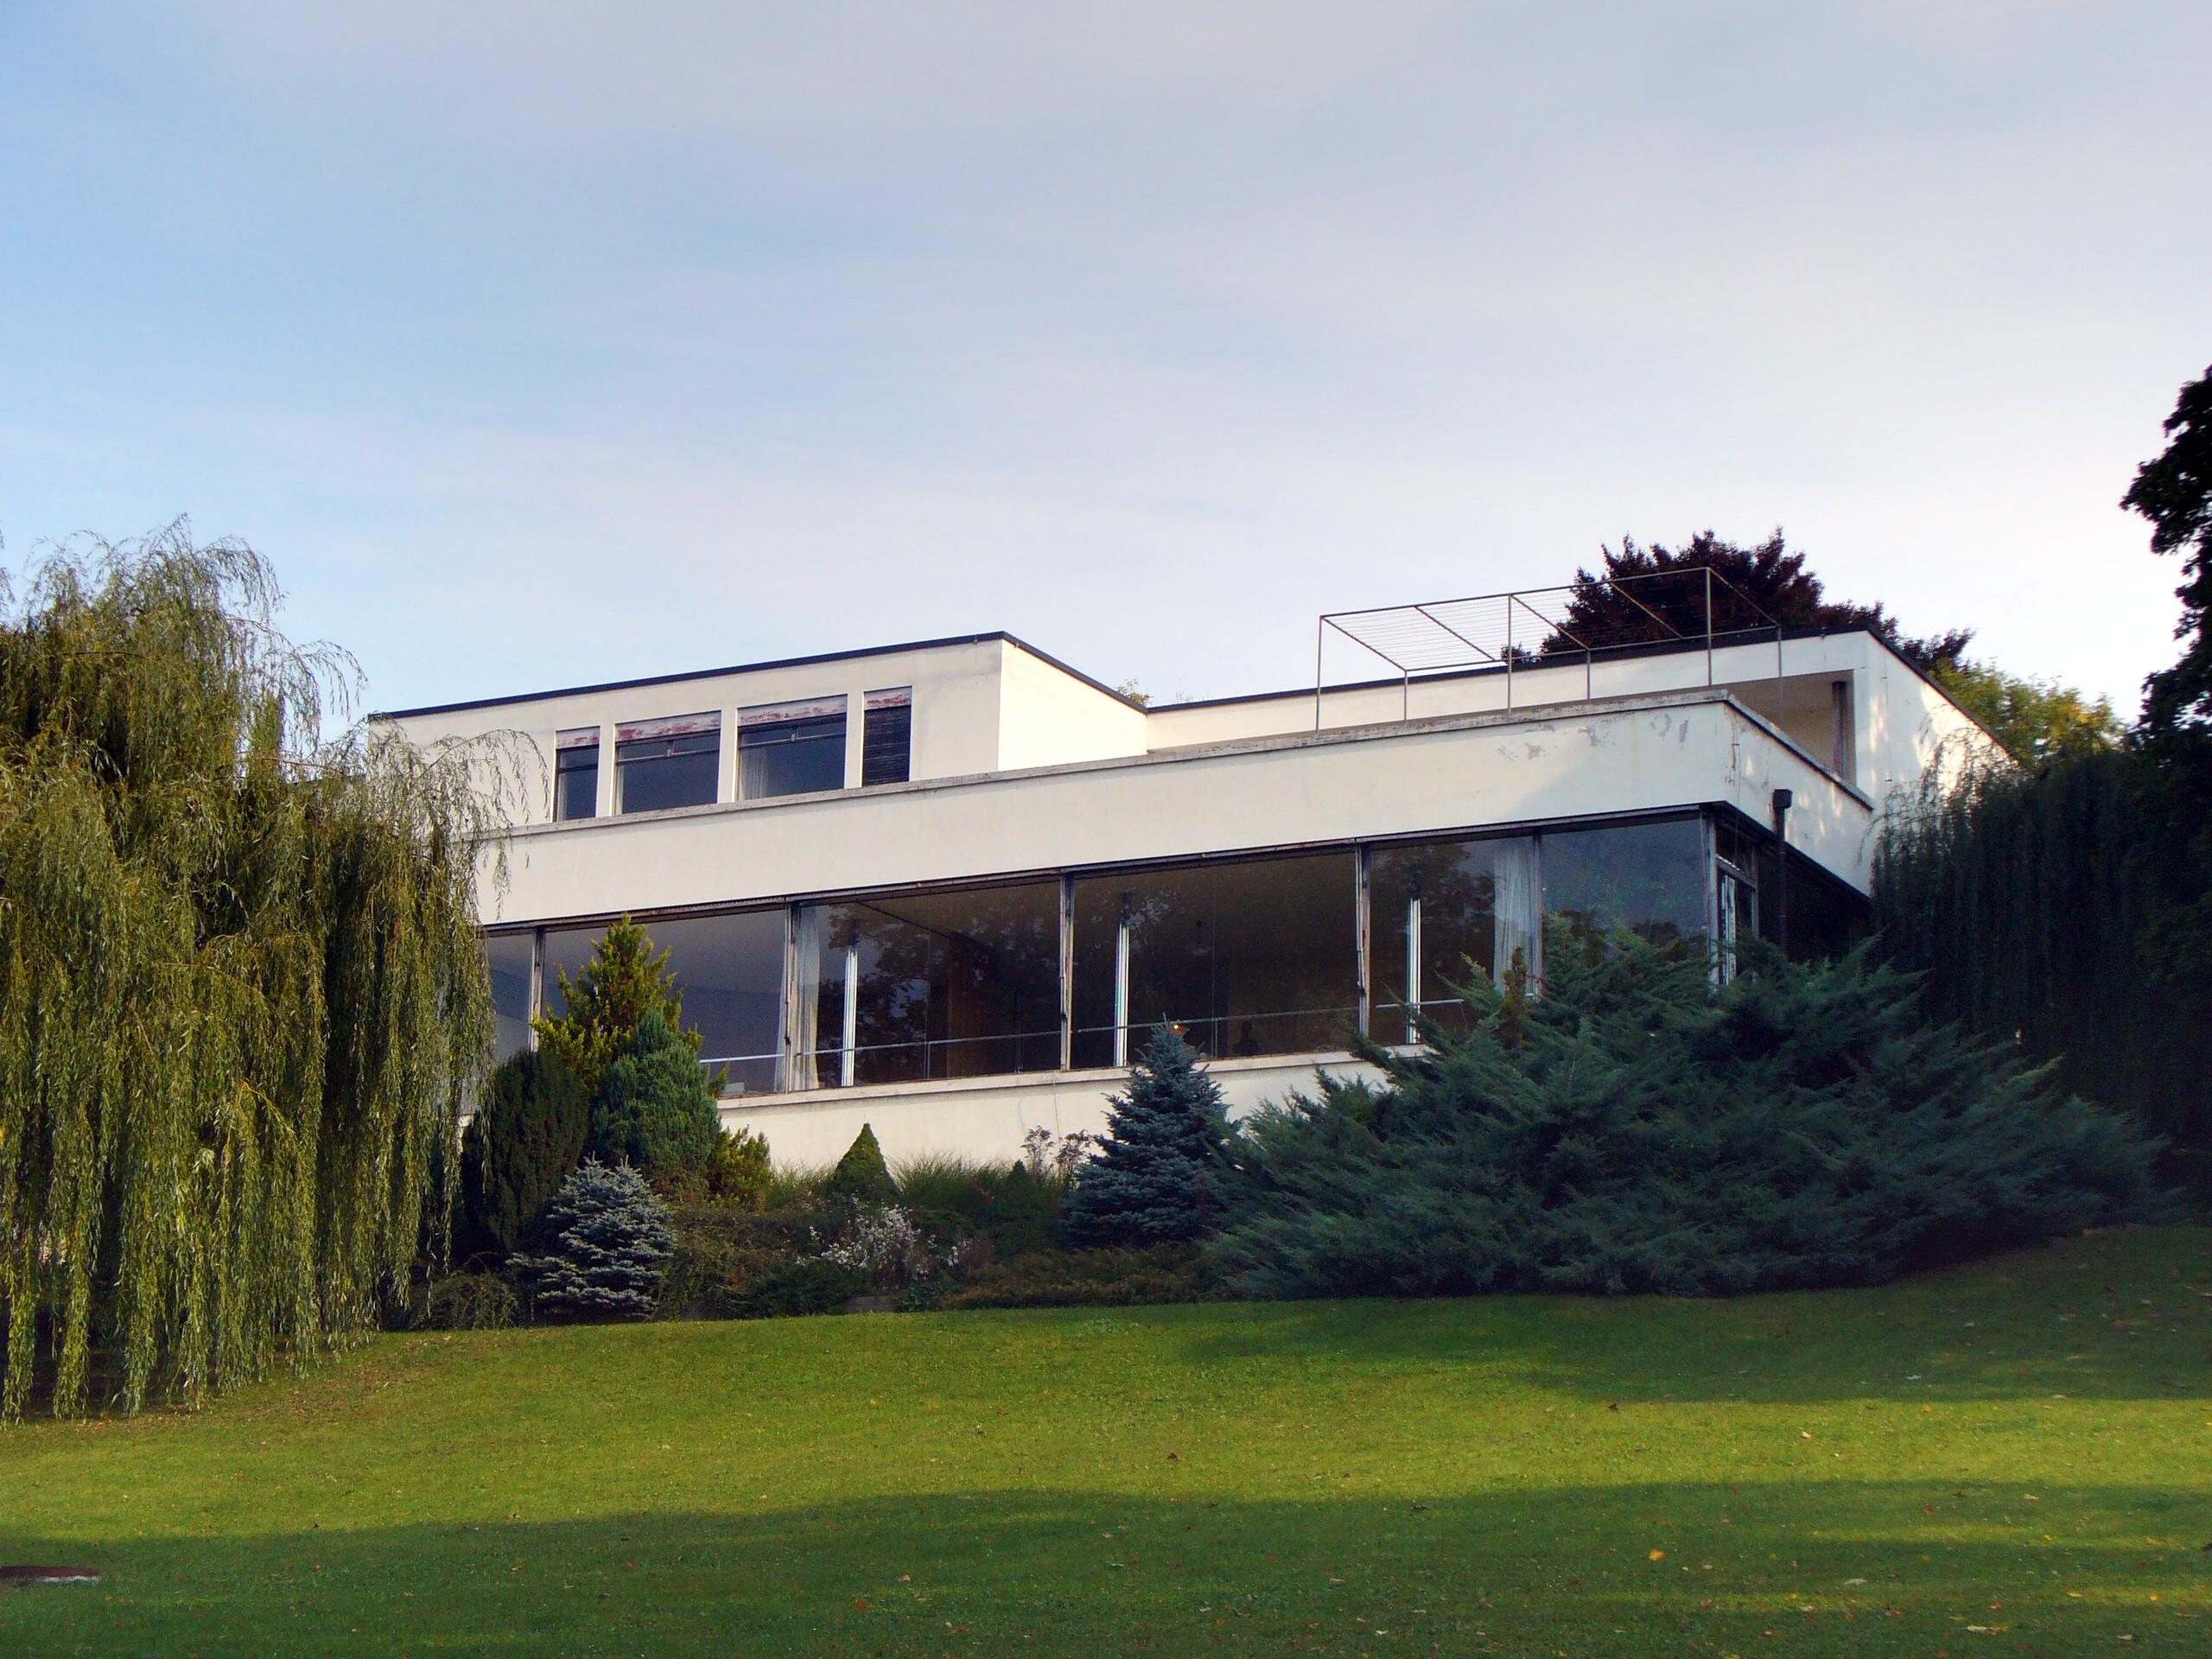 Mies van der rohe en brno casa tugendhat 1928 hyperbole for Casa minimalista de mies van der rohe